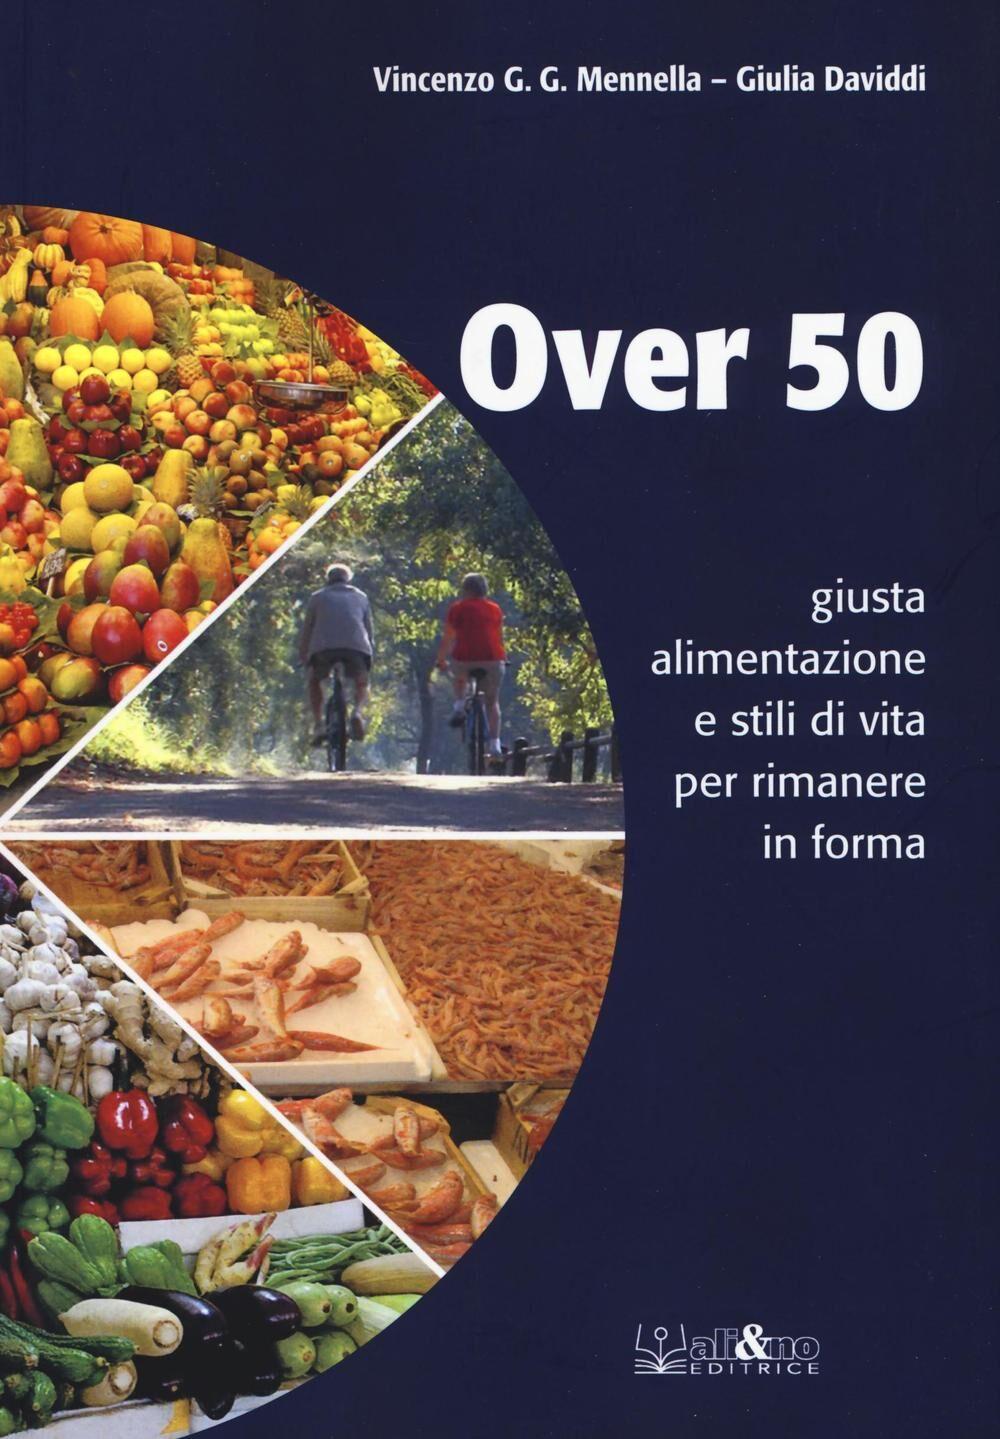 Over 50 giusta alimentazione e stili di vita per rimanere in forma